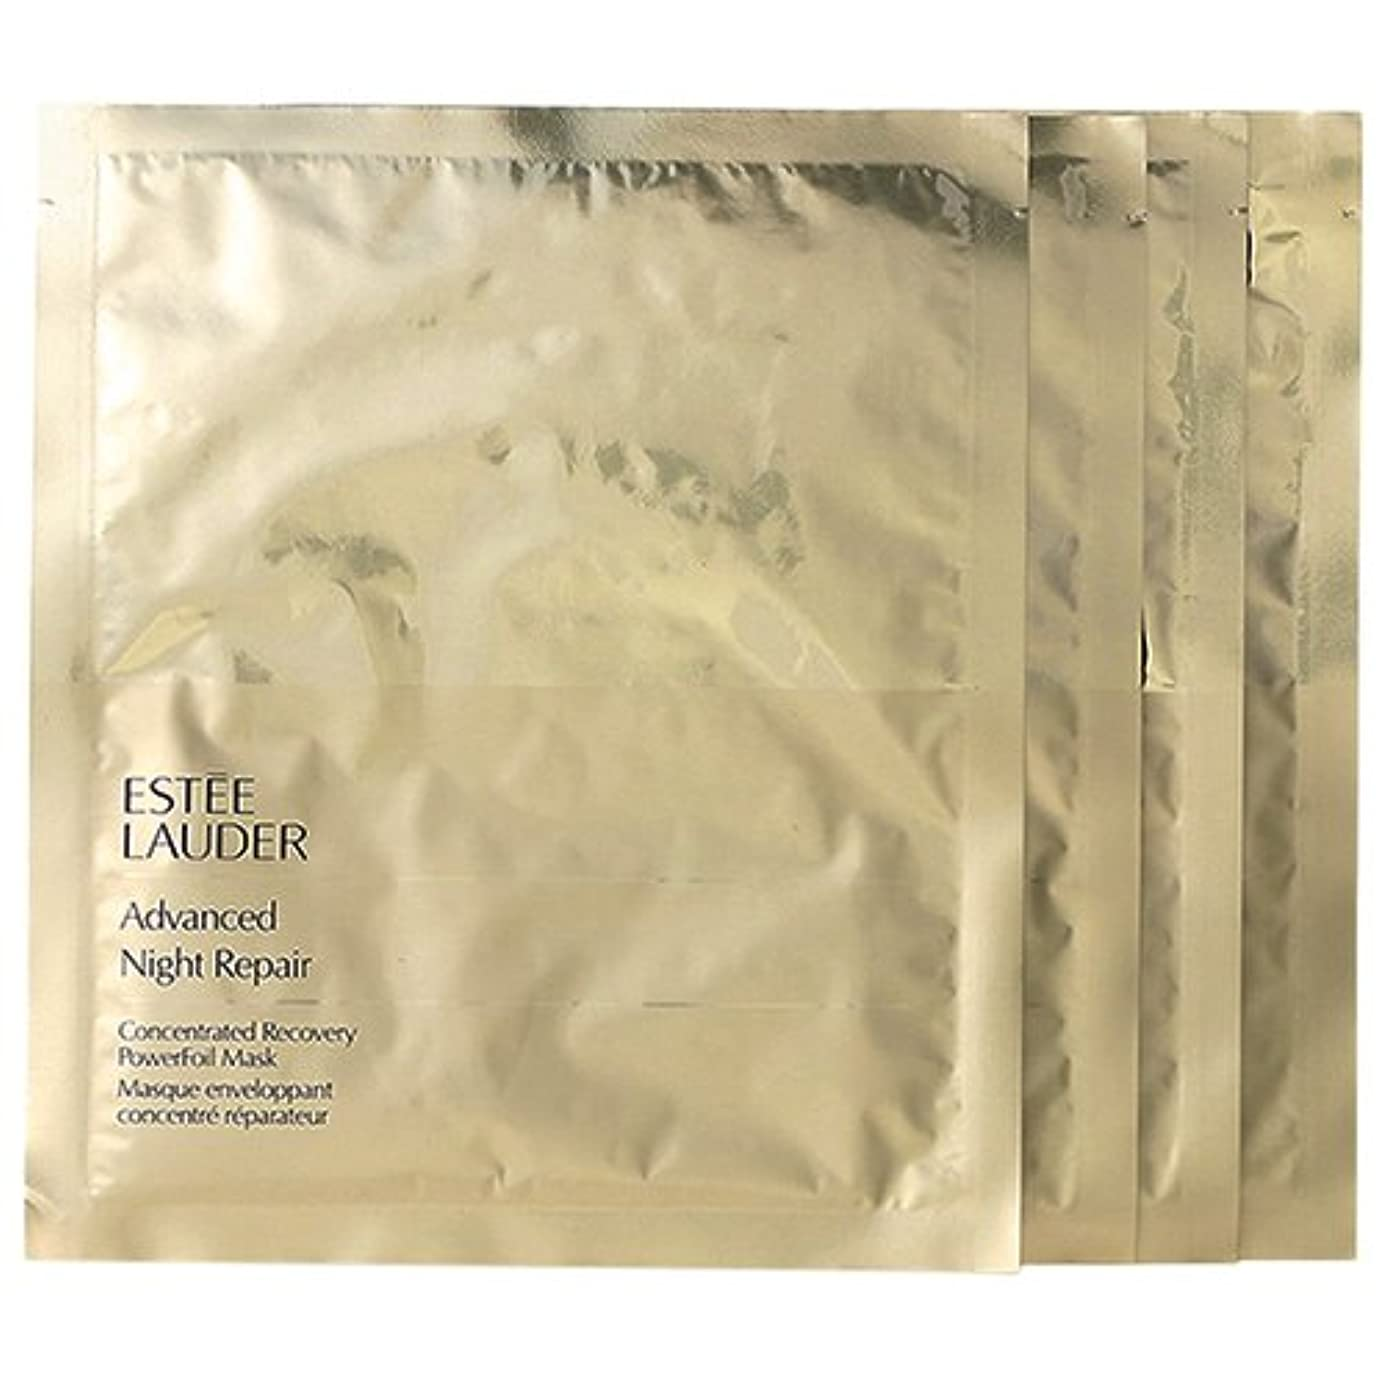 湿った孤独なゴミエスティローダー(ESTEE LAUDER) アドバンス ナイト リペア パワーフォイル マスク 4枚入り[並行輸入品]